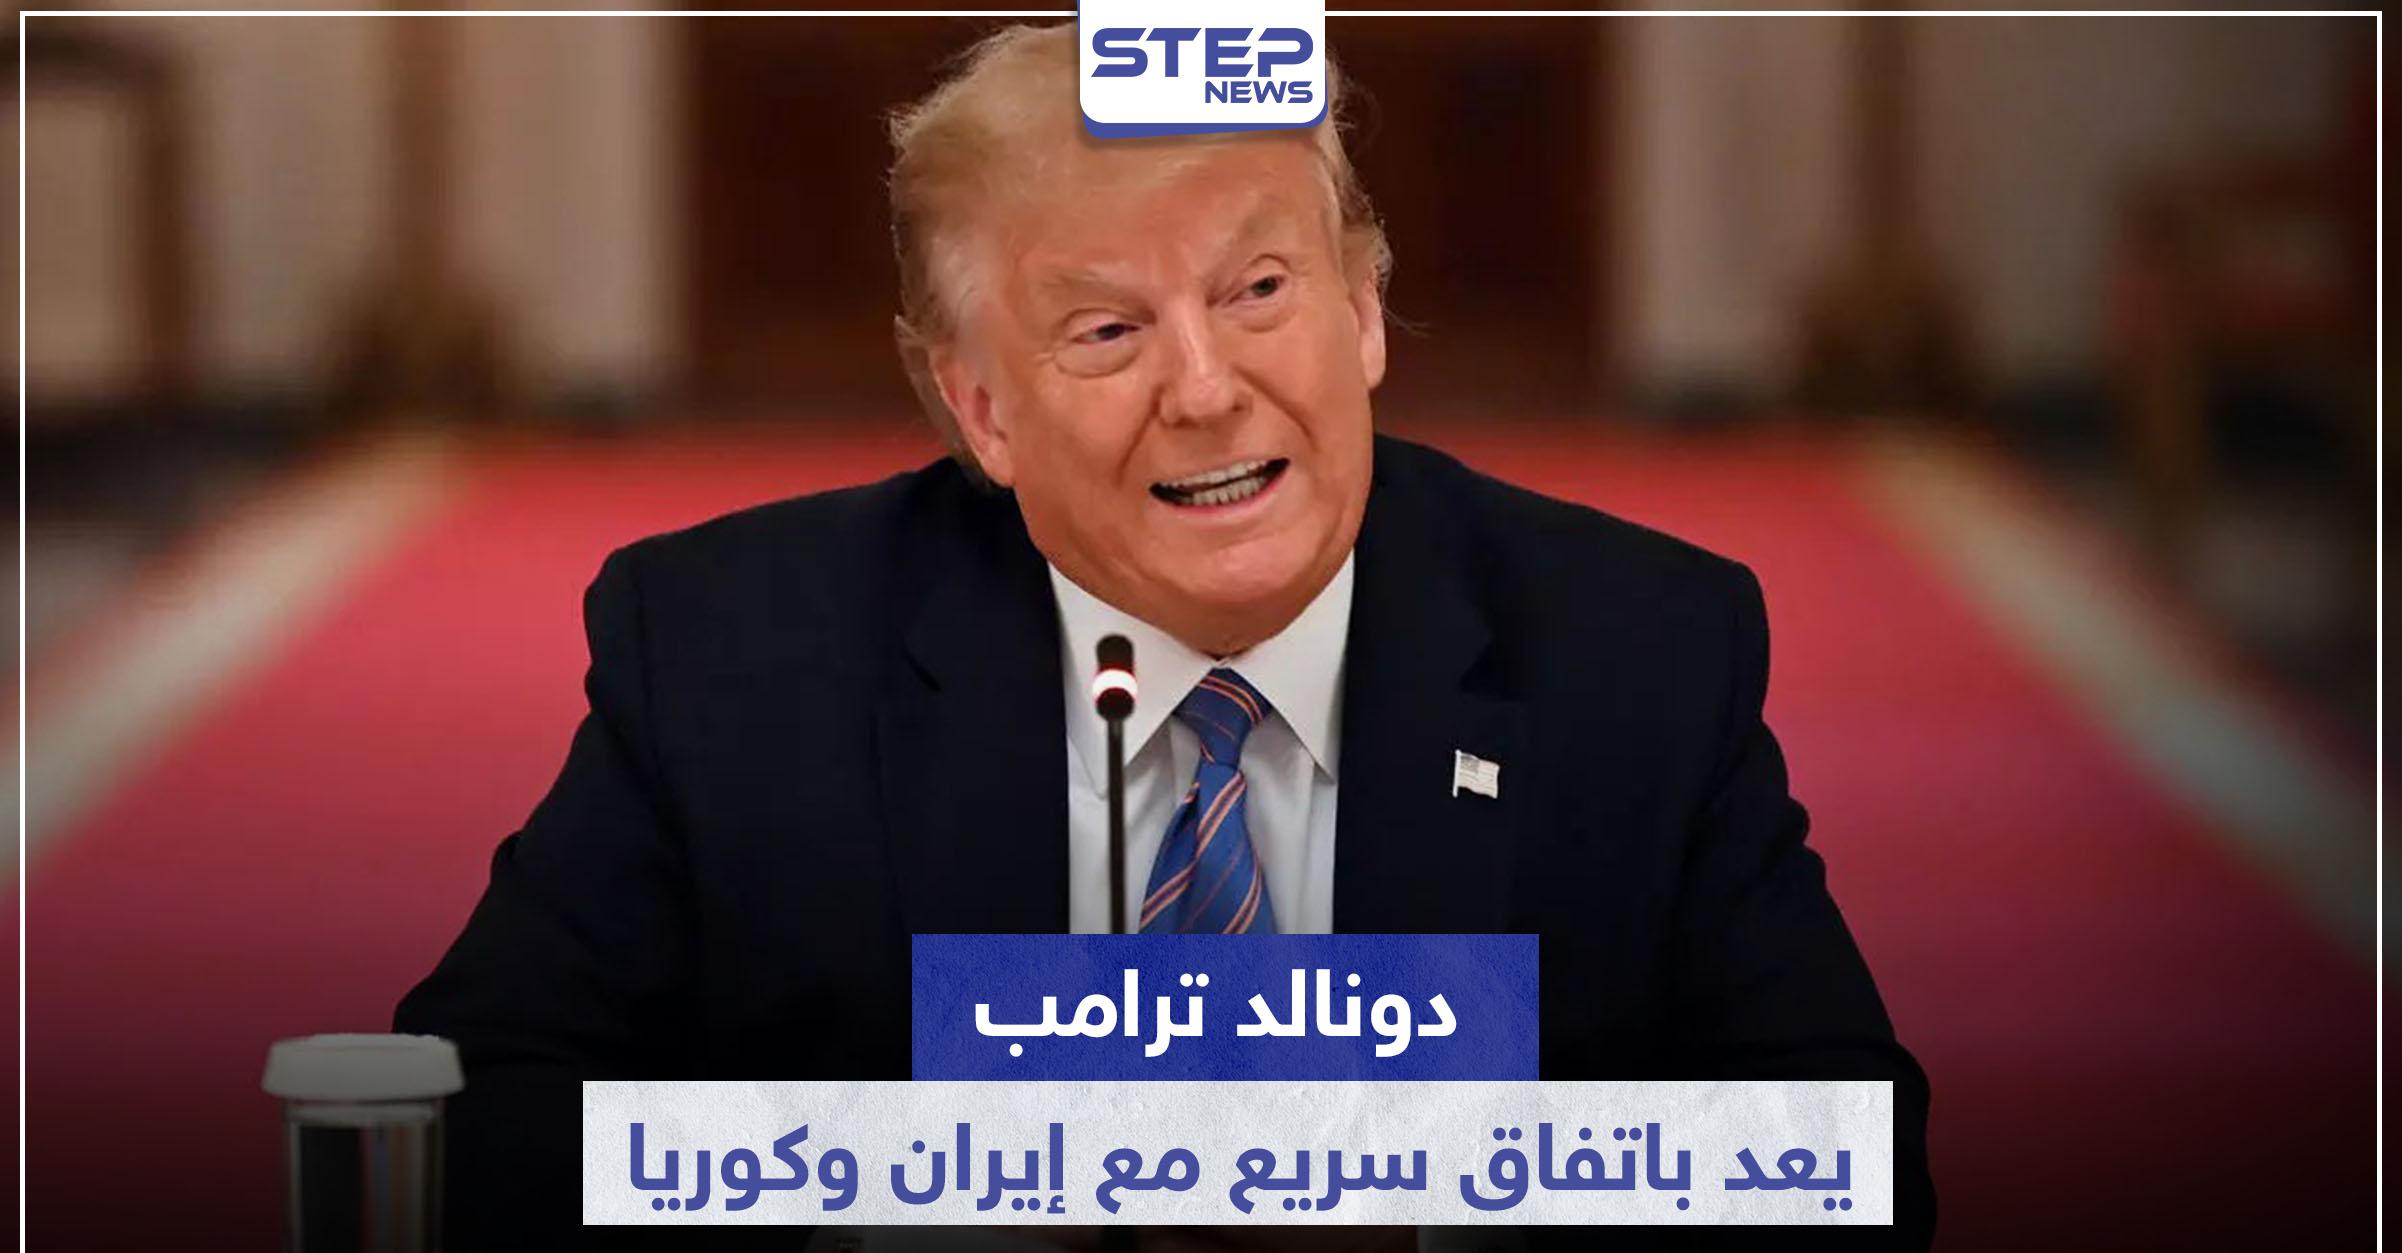 ترامب يعد باتفاق سريع مع إيران وكوريا الشمالية